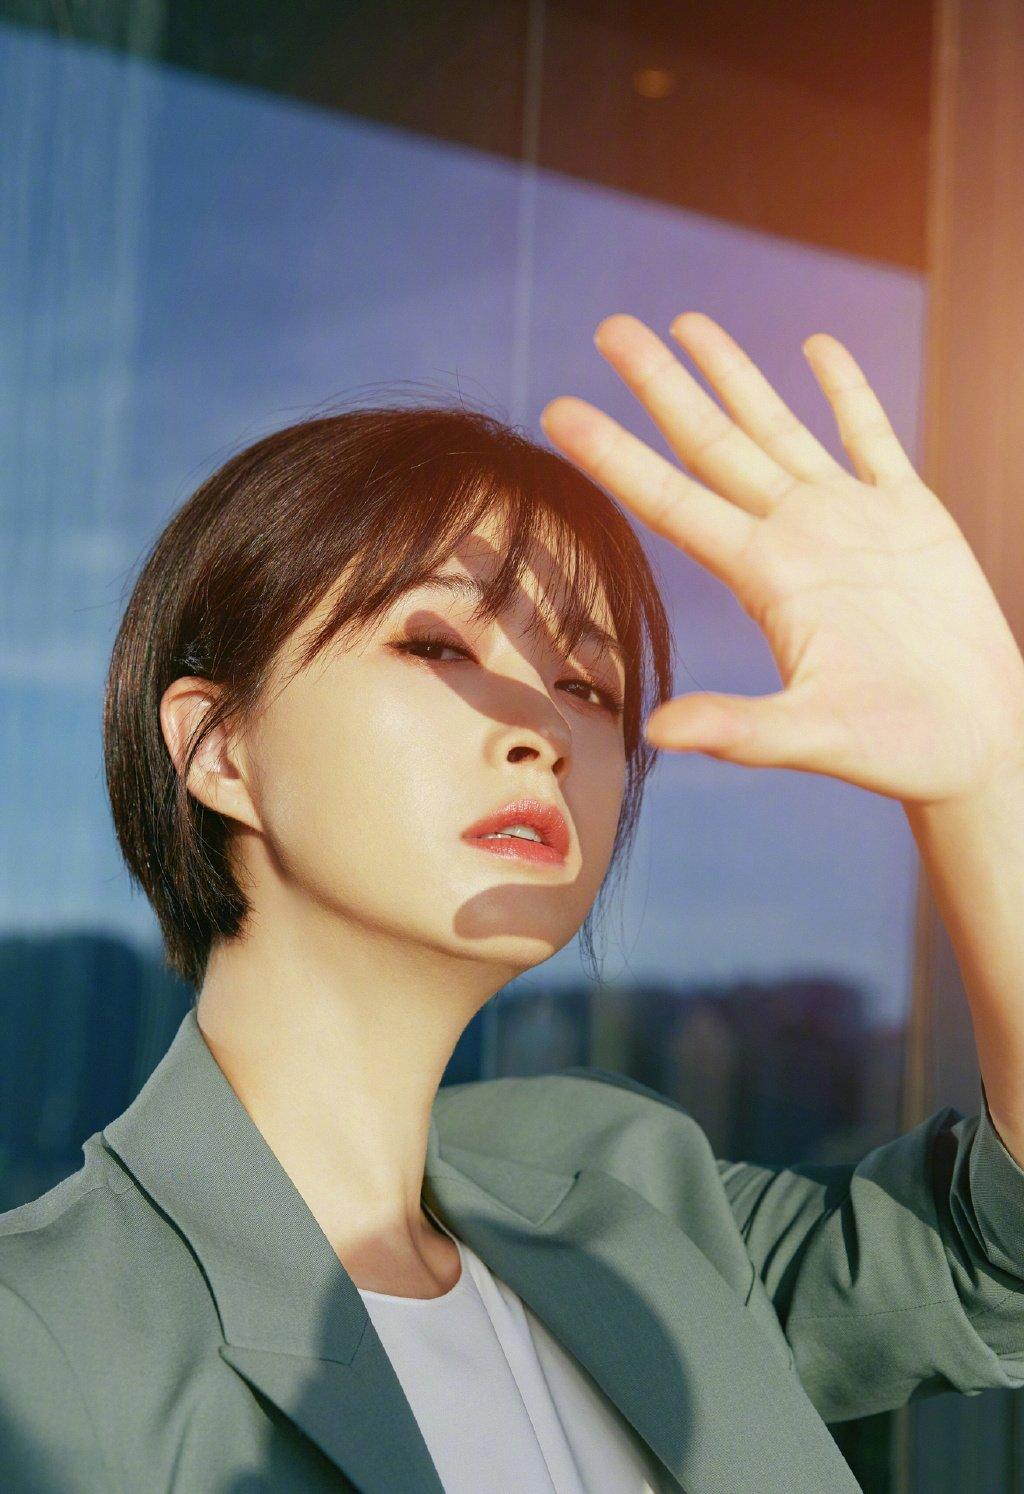 蒋欣短发西装写真图片